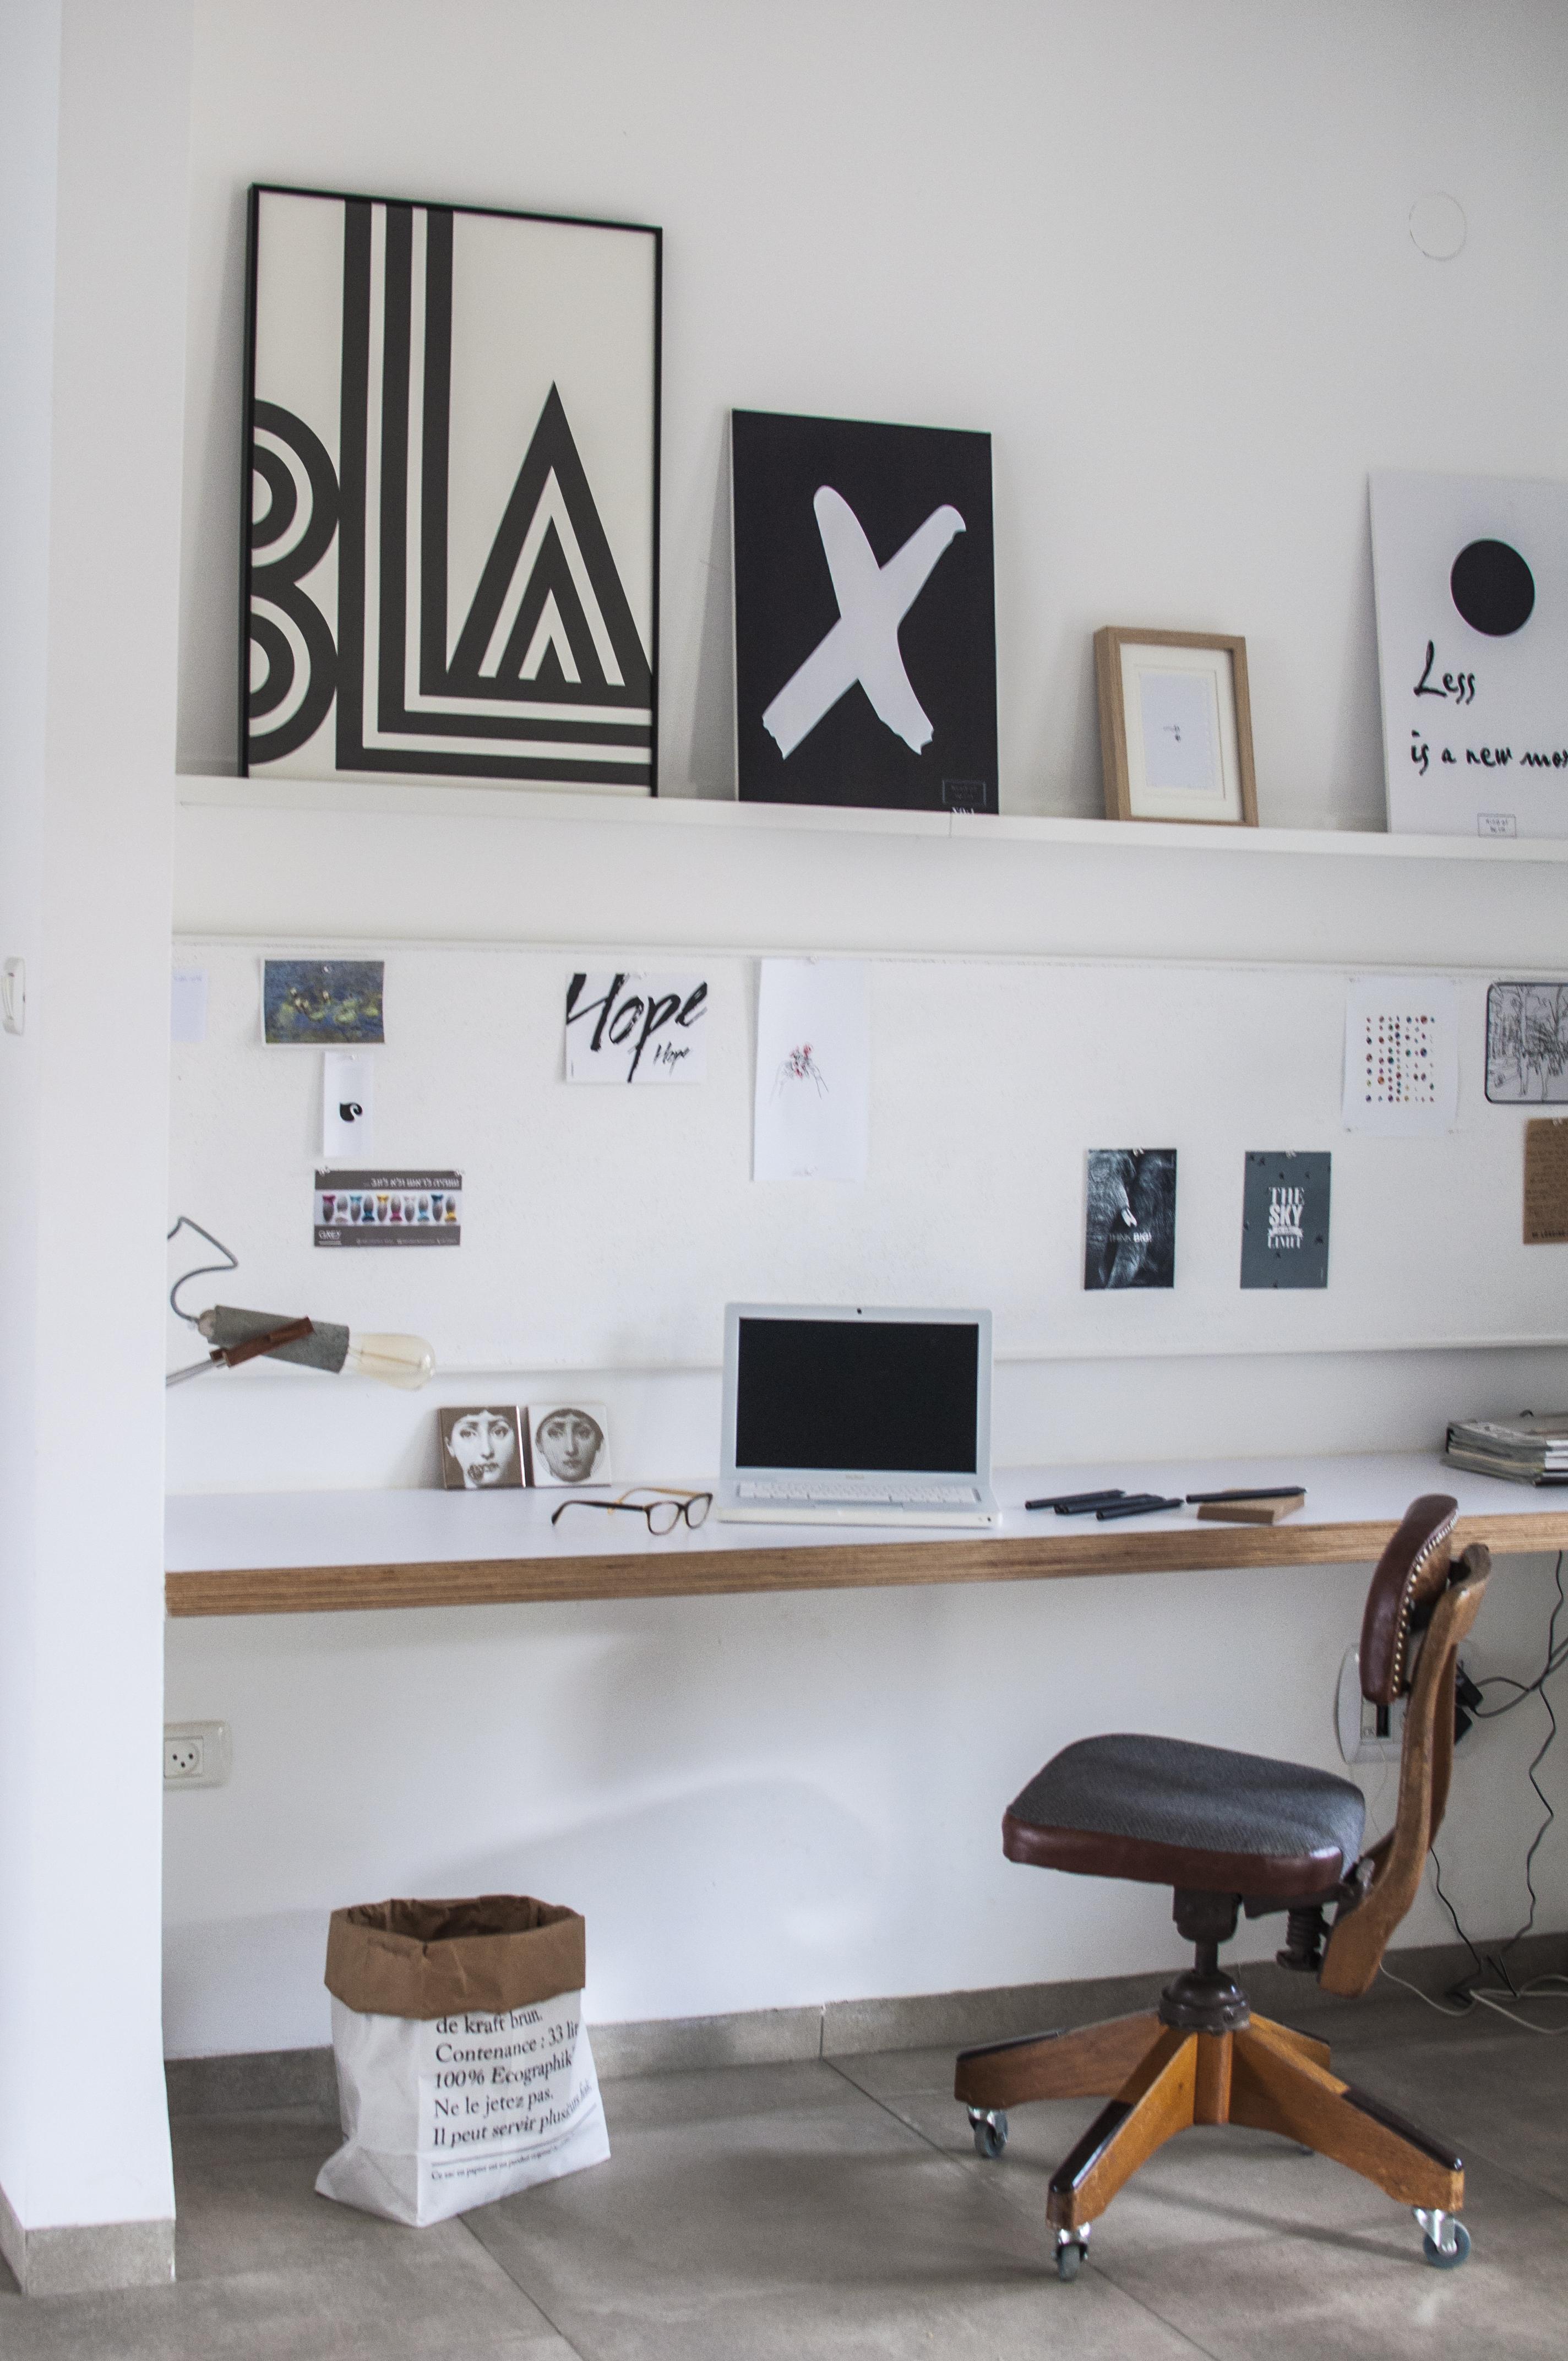 הום סטיילינג משרד ביתי | מרב שדה - תכנון ועיצוב פנים